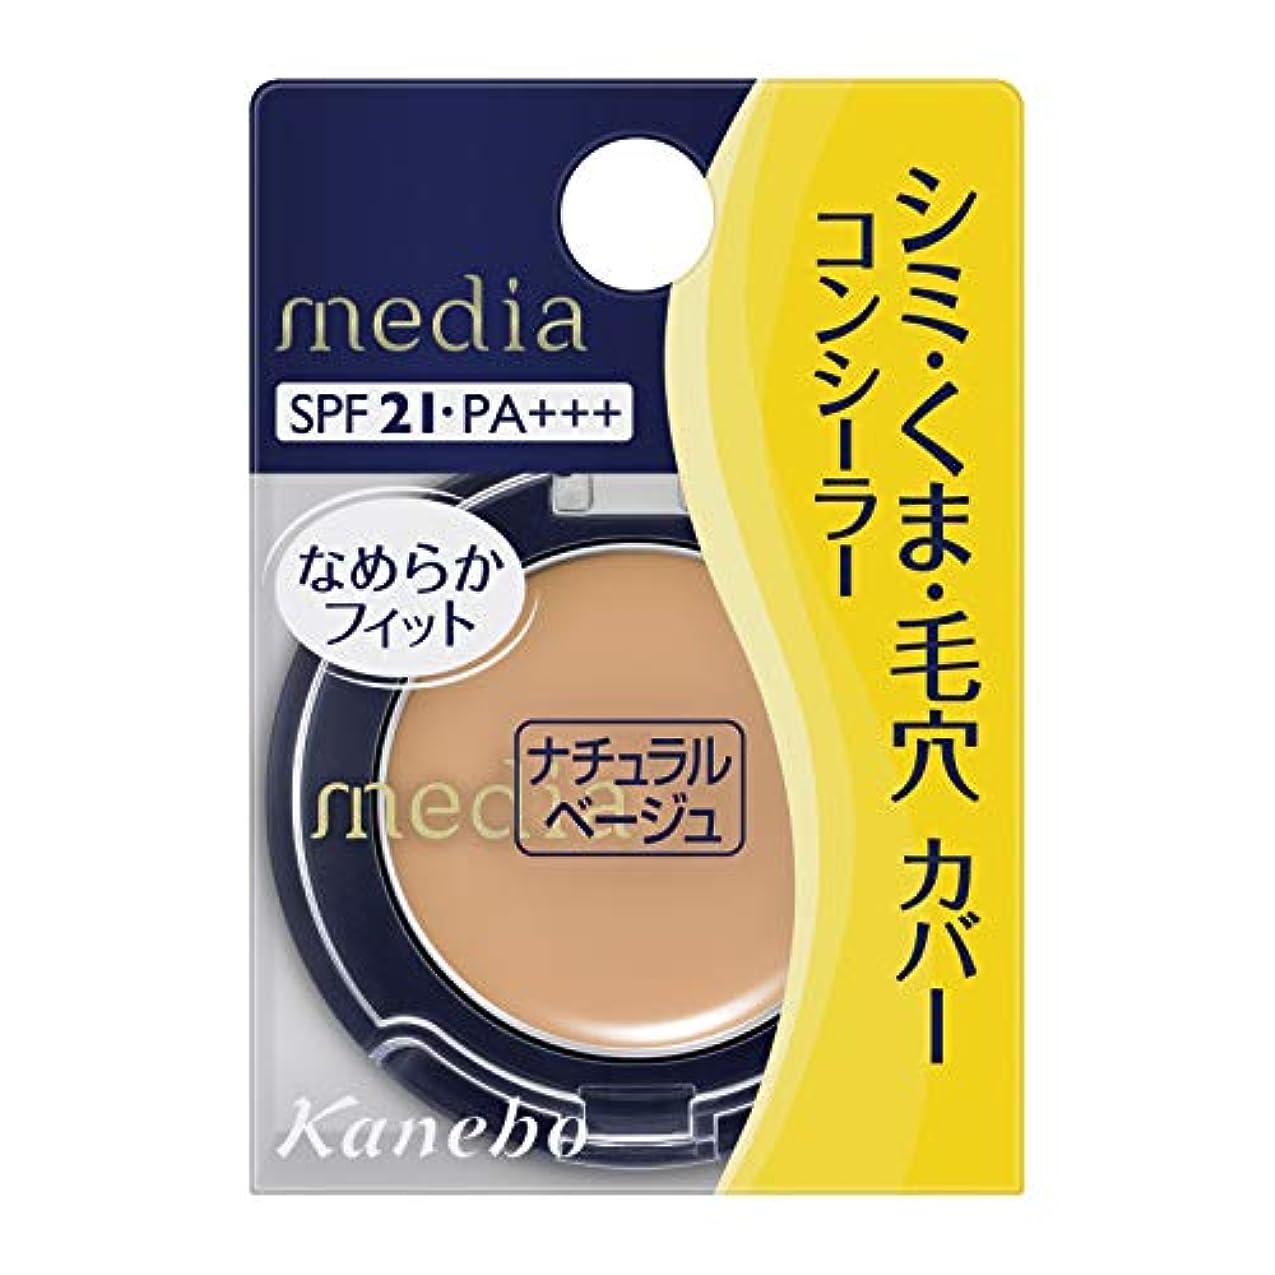 驚子音織機カネボウ化粧品 メディア コンシーラー S ナチュラルベージュ 1.7g